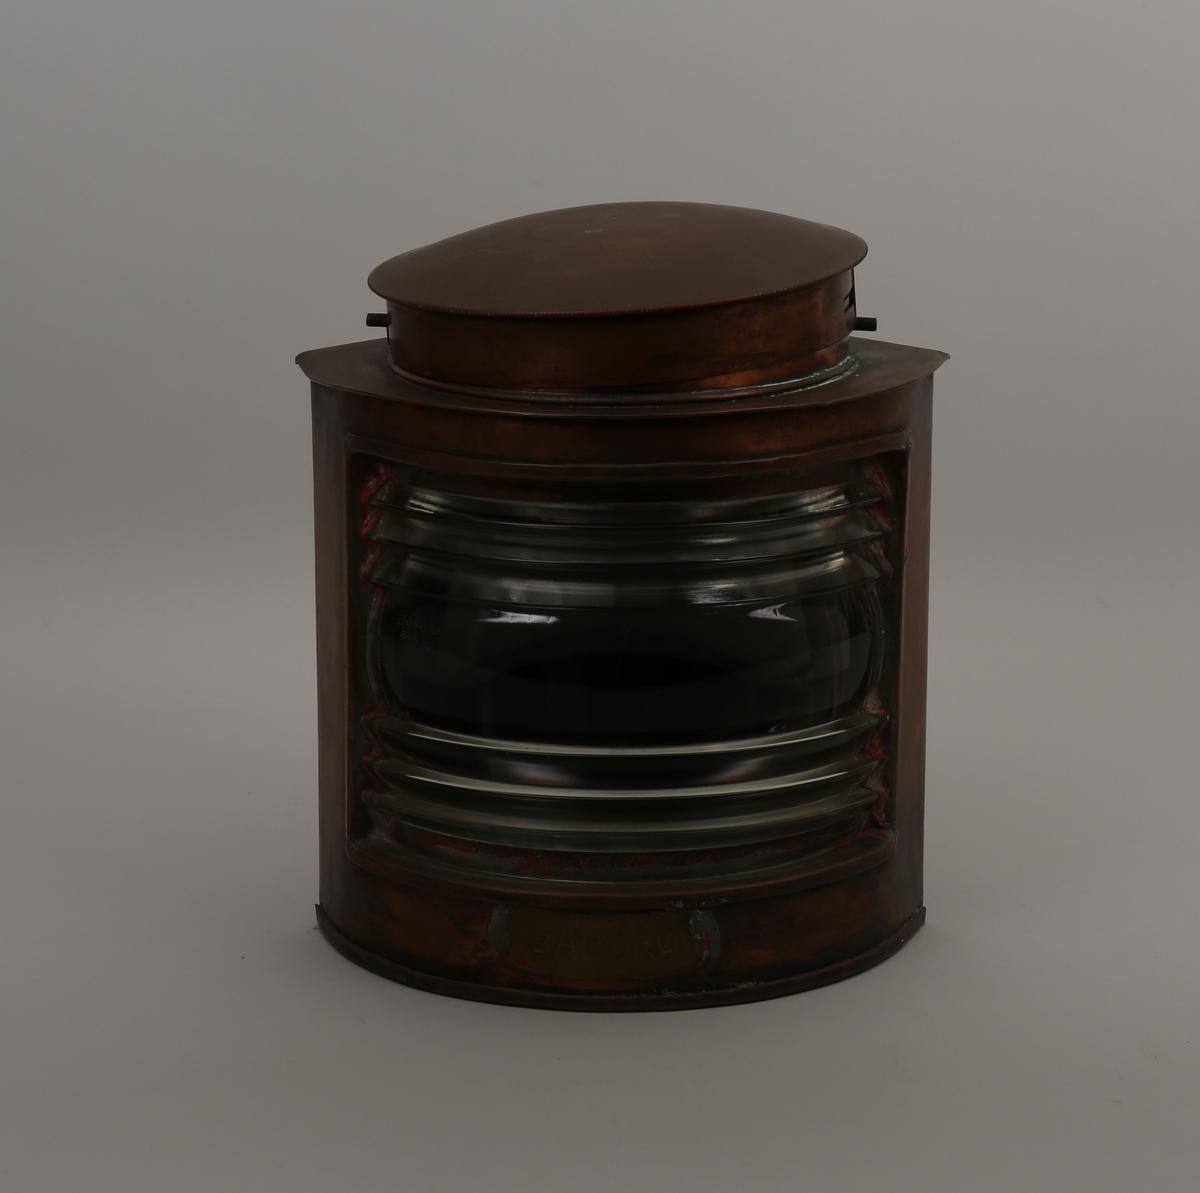 Babord lanterne i kobber for elektrisk lys. To sider vinkelrett på hverandre samt buet front med glass. Lokk på topp kan fjernes.